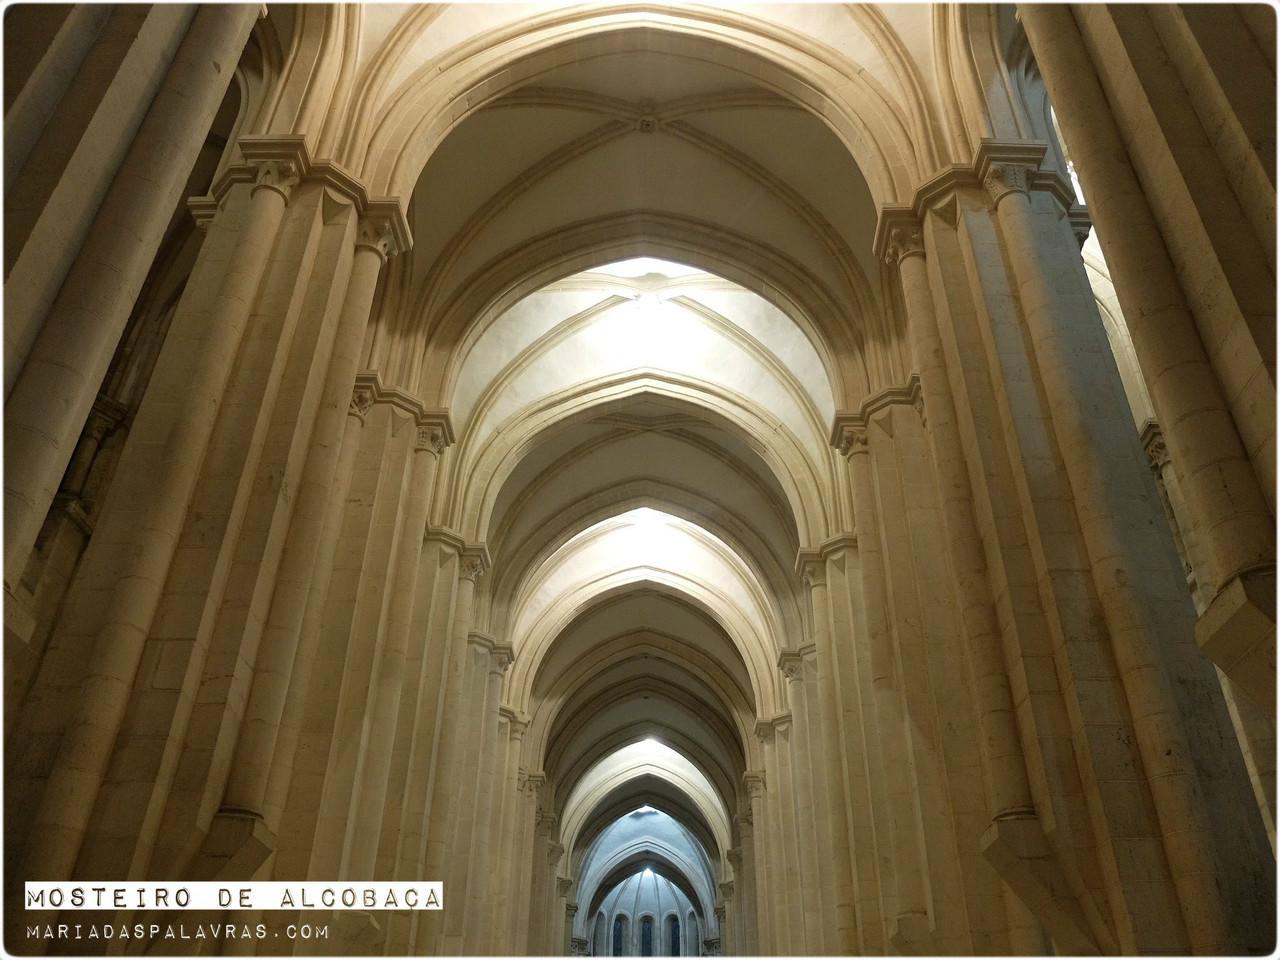 Mosteiro de Alcobaça - Maria das Palavras